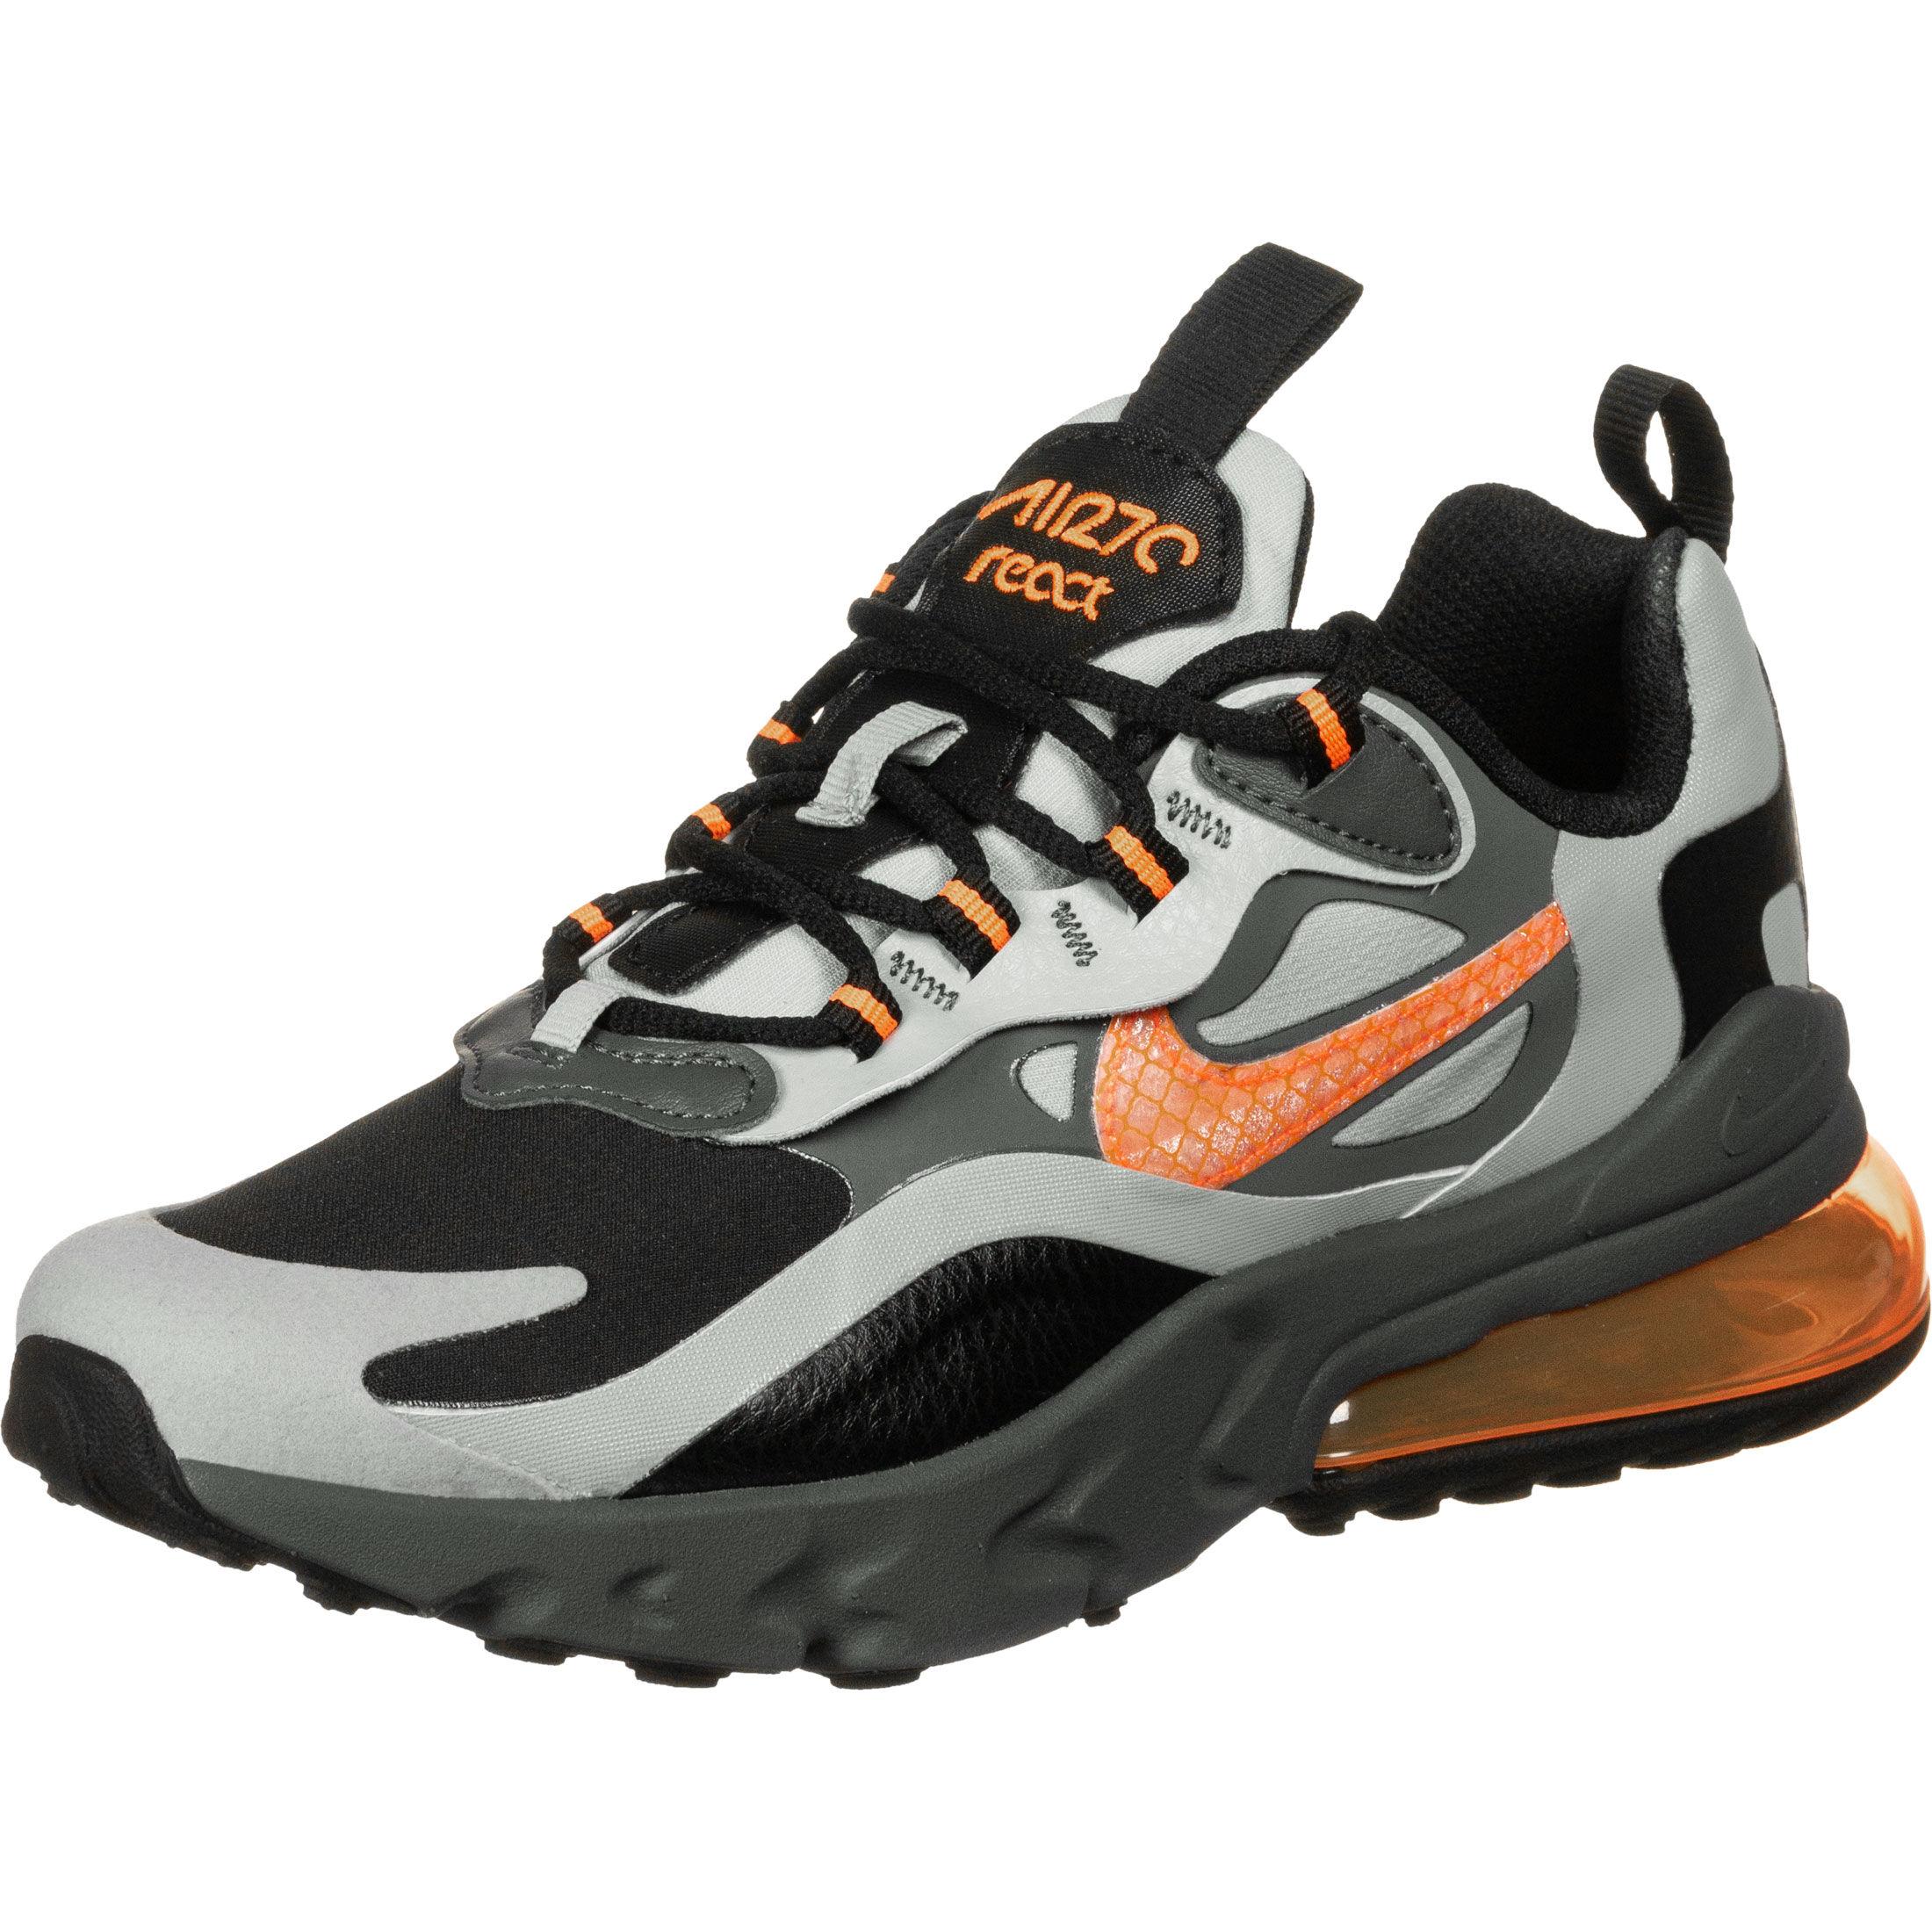 en El propietario Concesión  Nike Air Max 270 React Winter (GS) - Sneakers Low at Stylefile